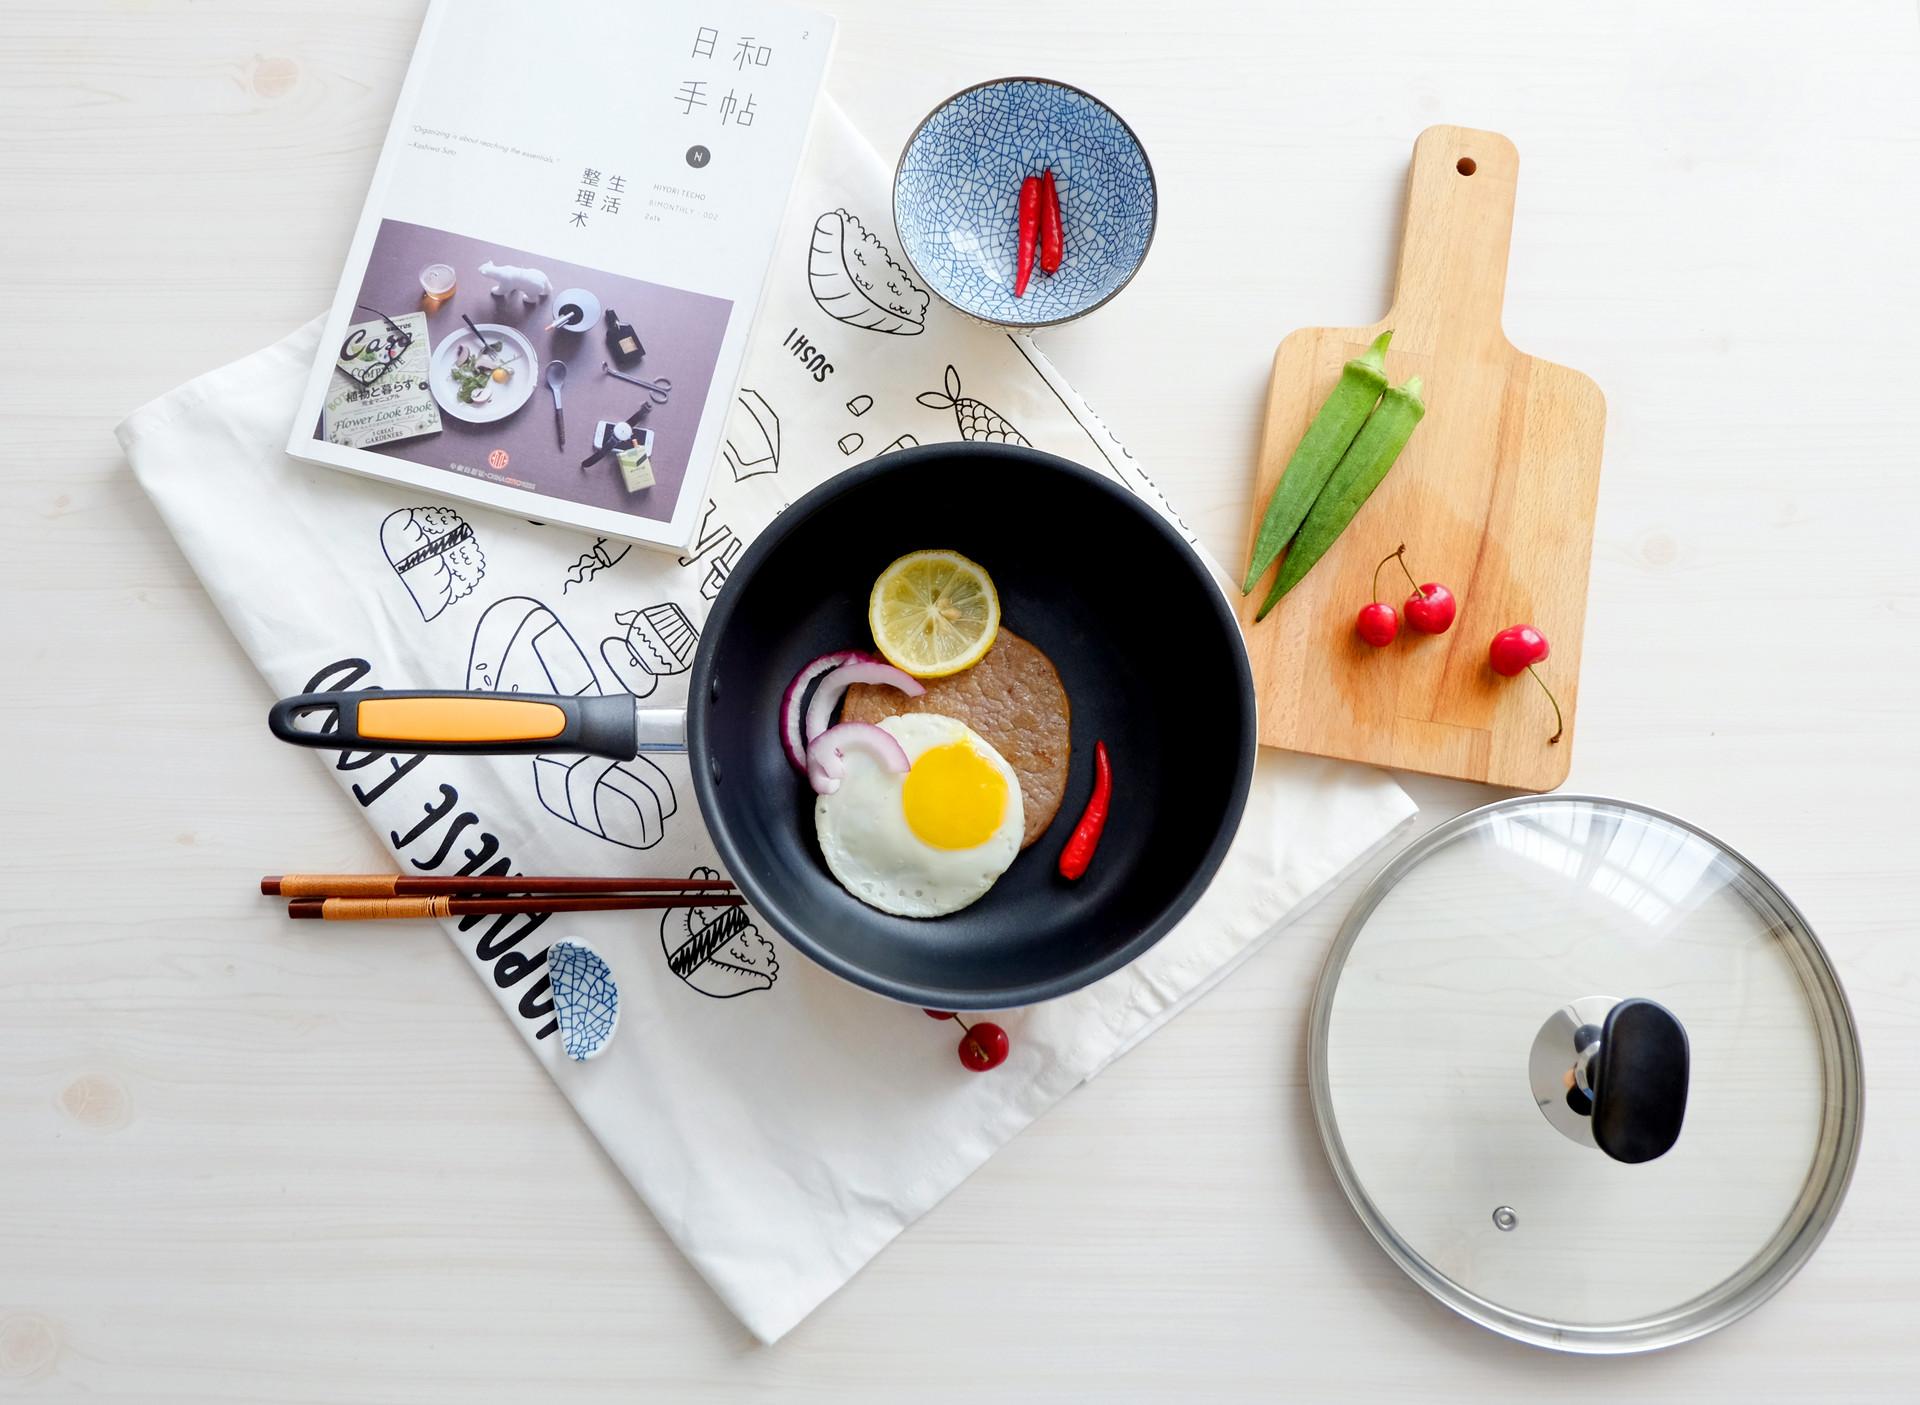 安利优生活浓缩厨房去渍剂产品介绍